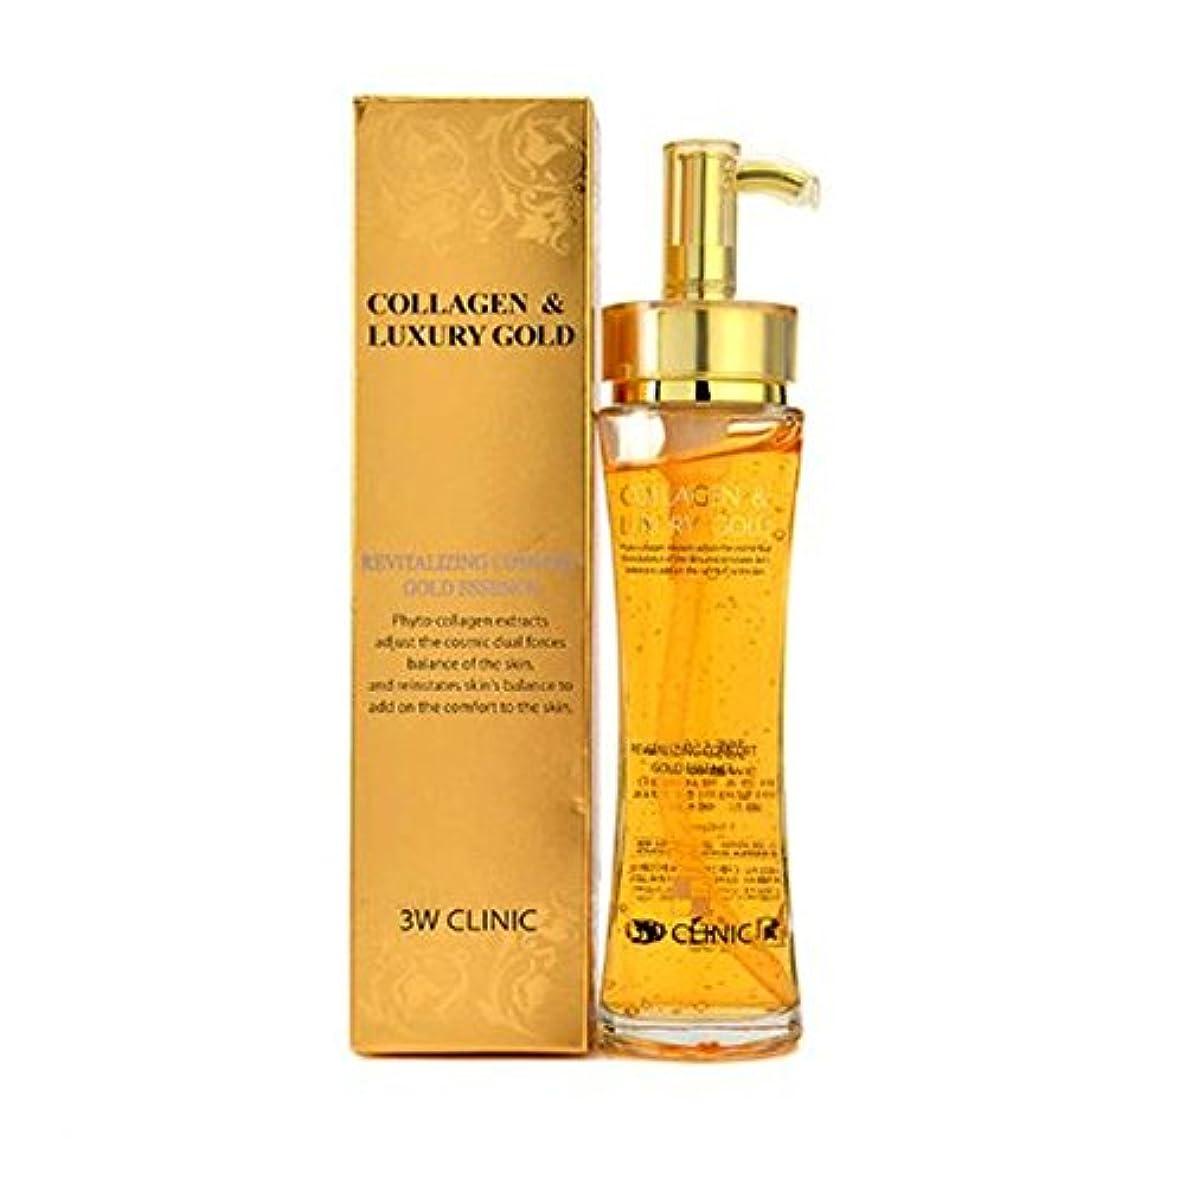 瀬戸際先見の明にやにや3Wクリニック Collagen & Luxury Gold Revitalizing Comfort Gold Essence 150ml/5.07oz並行輸入品